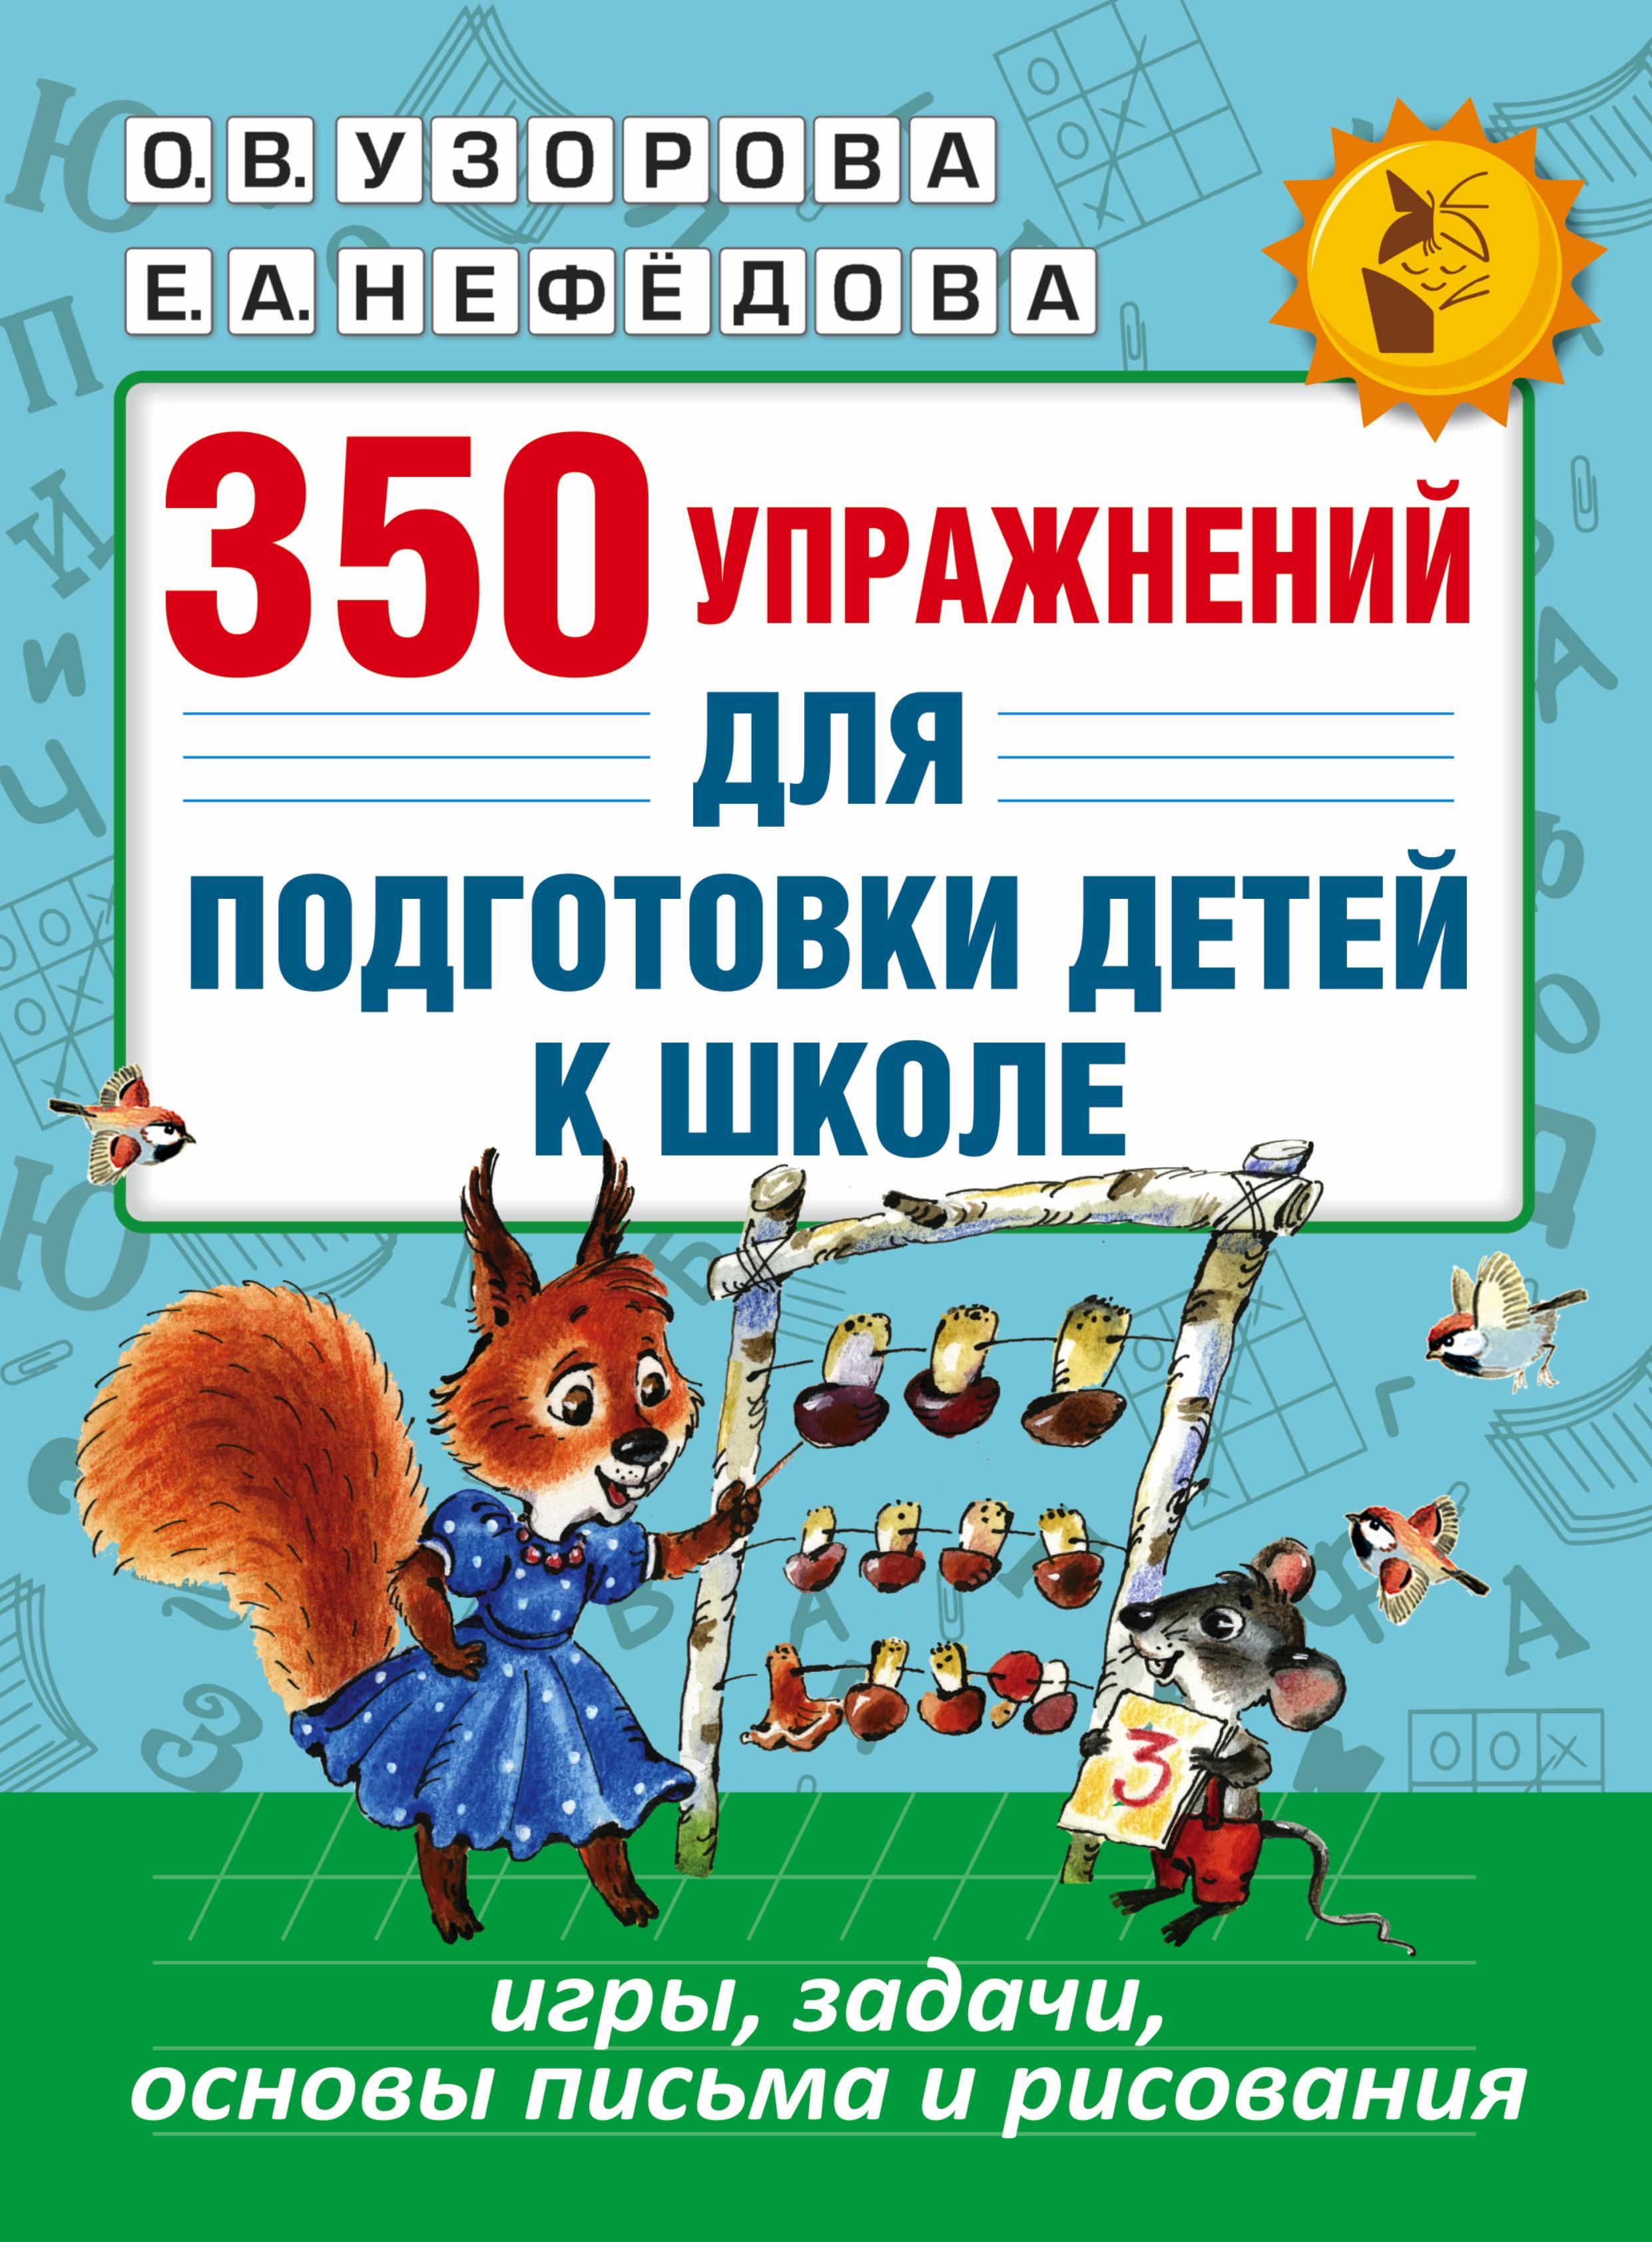 Узорова О.В., Нефёдова Е.А. 350 упражнений для подготовки детей к школе: игры, задачи, основы письма и рисования